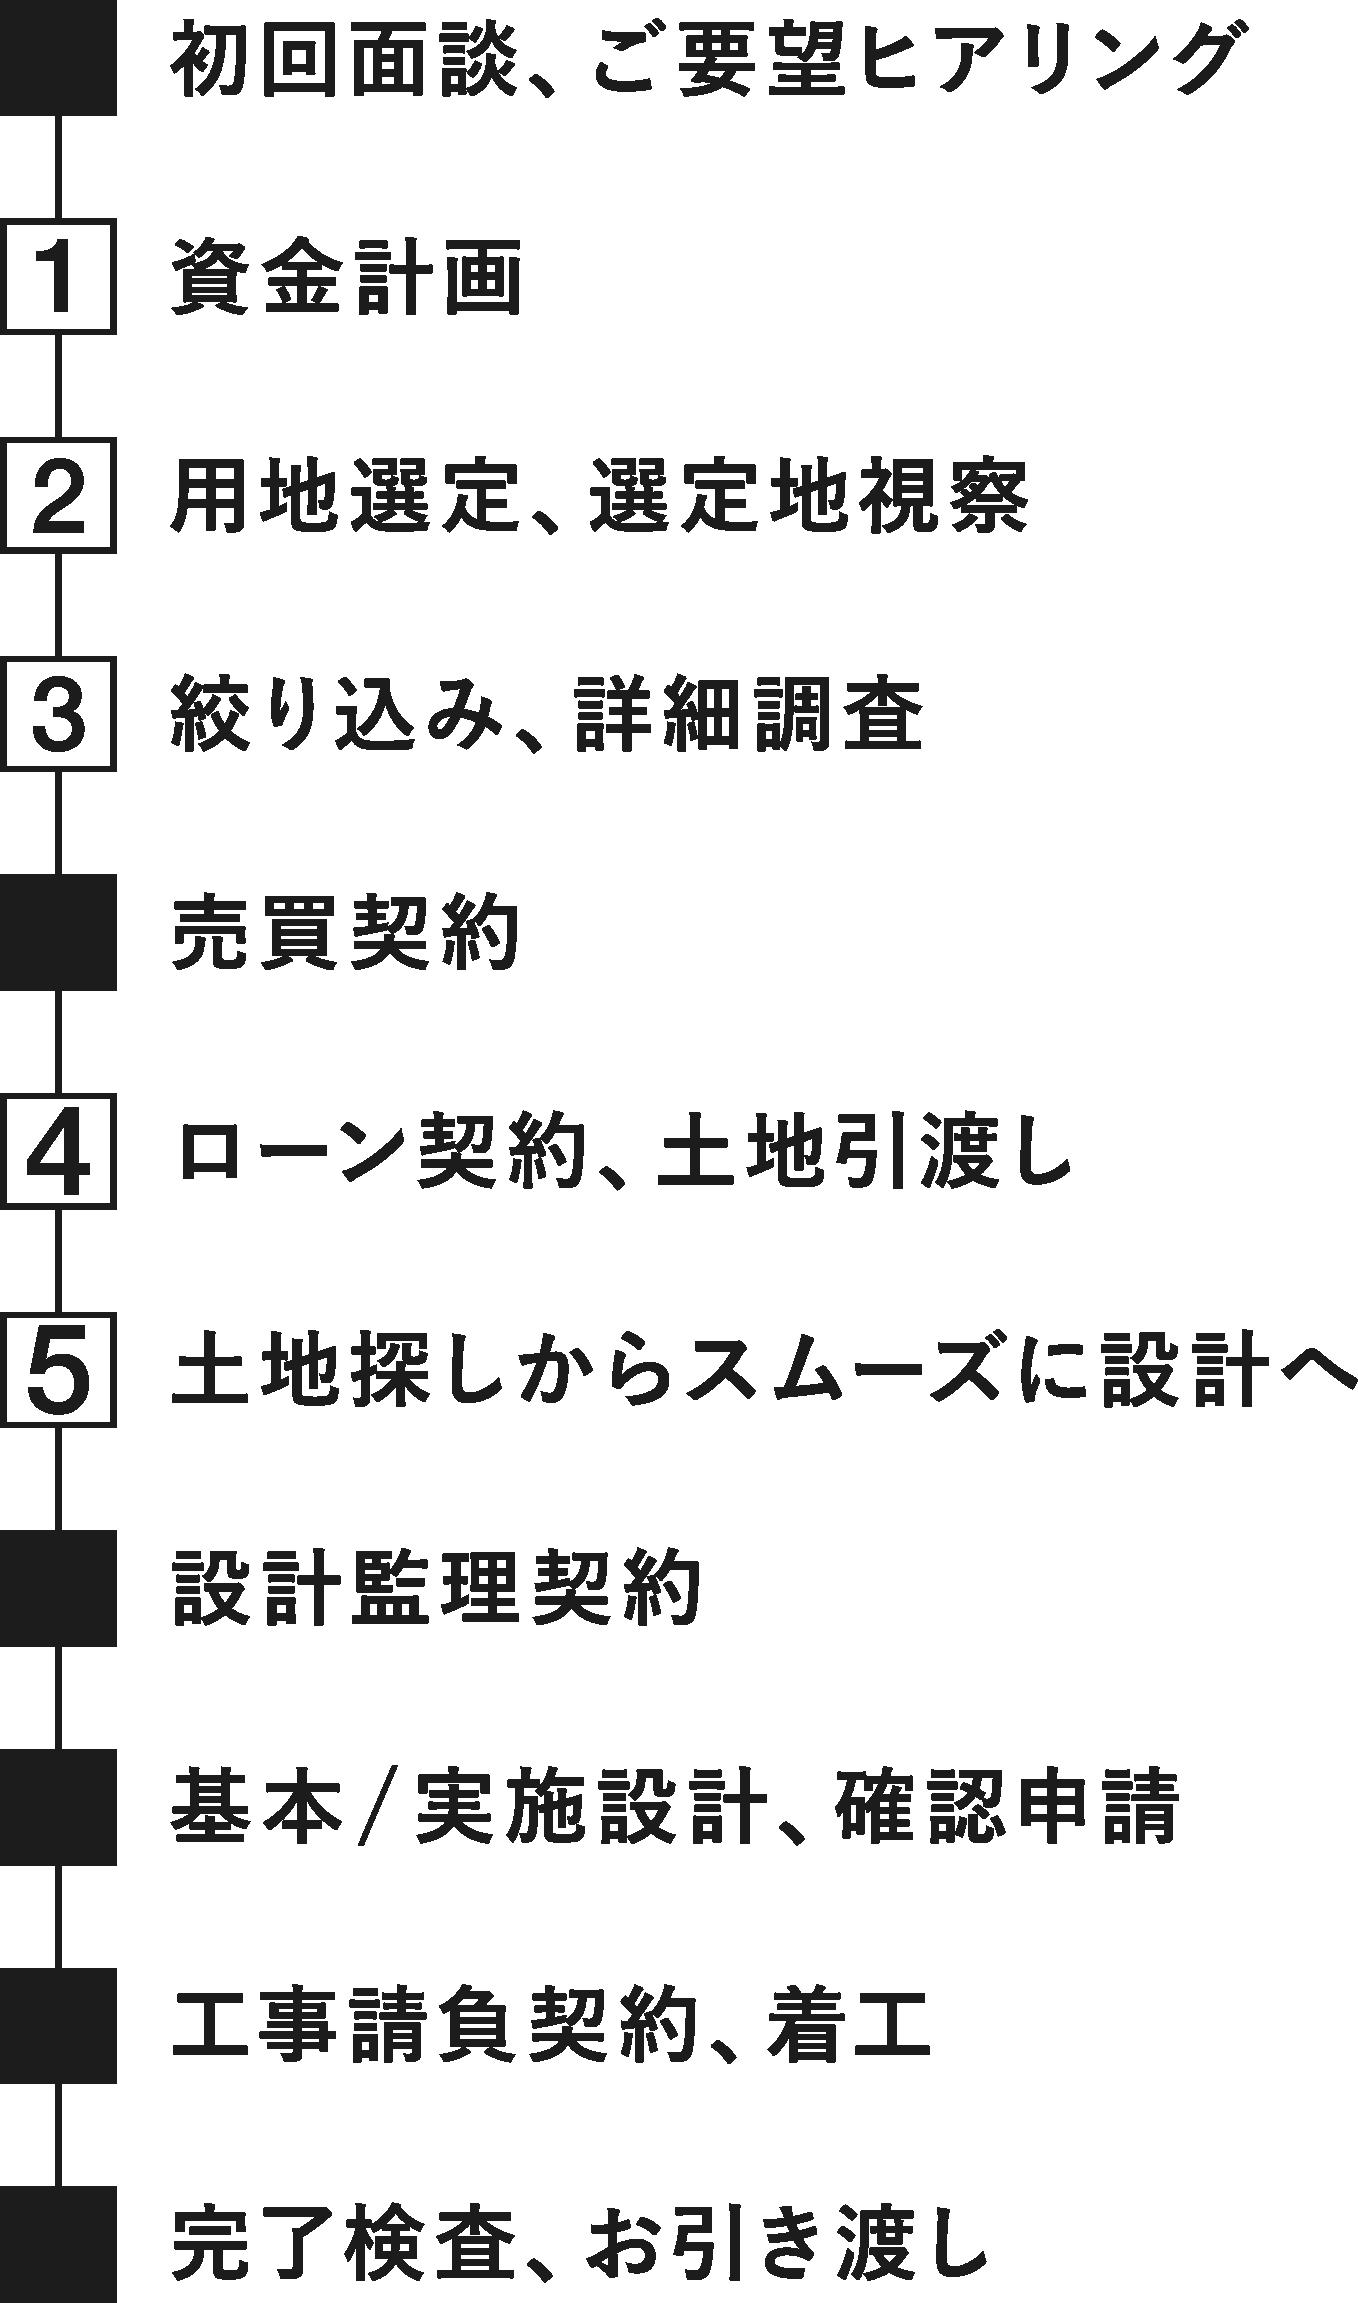 家づくりの流れ(図)縮小版